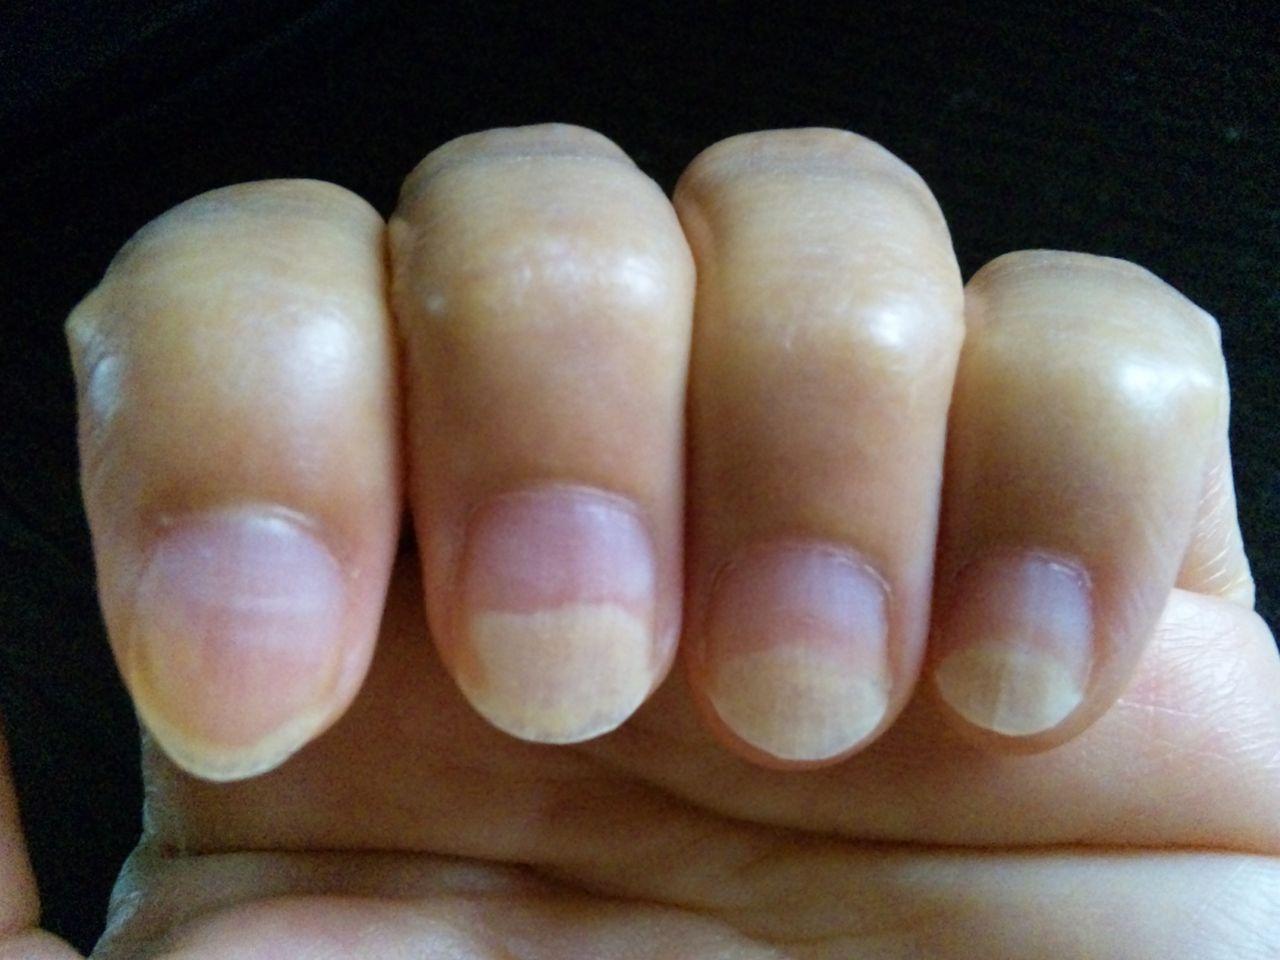 爪の根本にある白い部分がないのは異常?健康状態 …